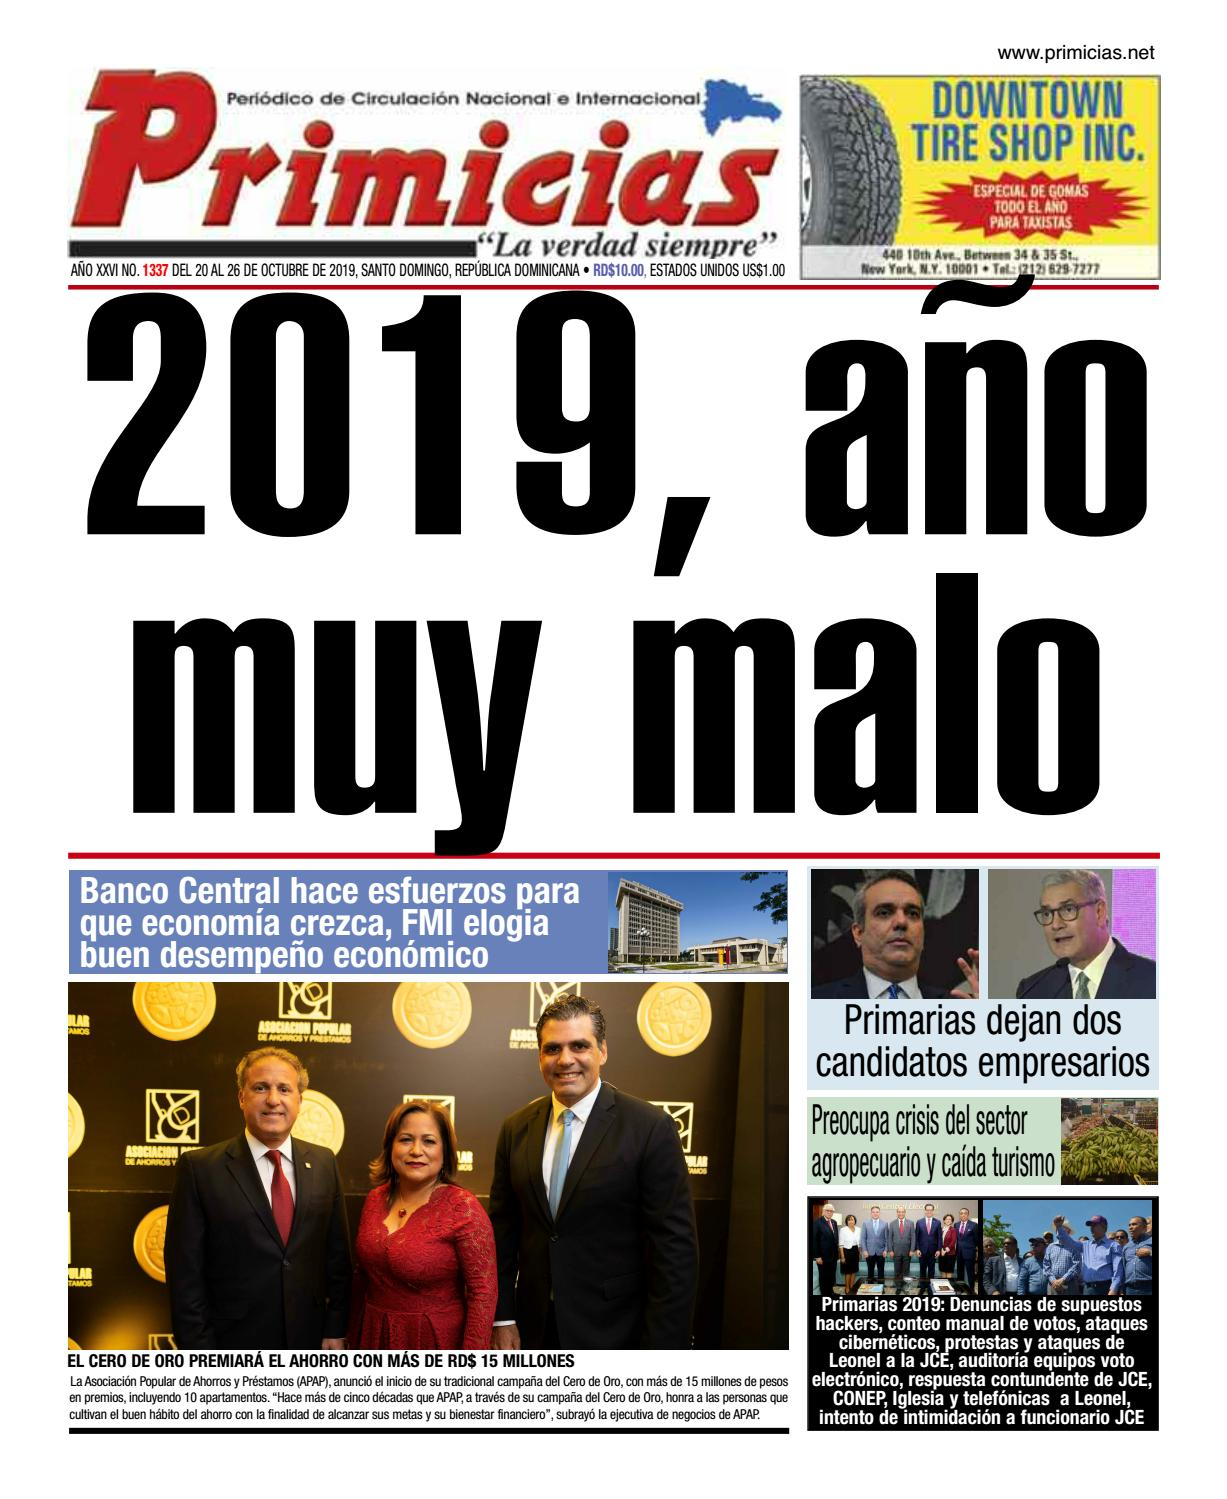 Portada Periódico Primicias, Lunes 21 de Octubre, 2019